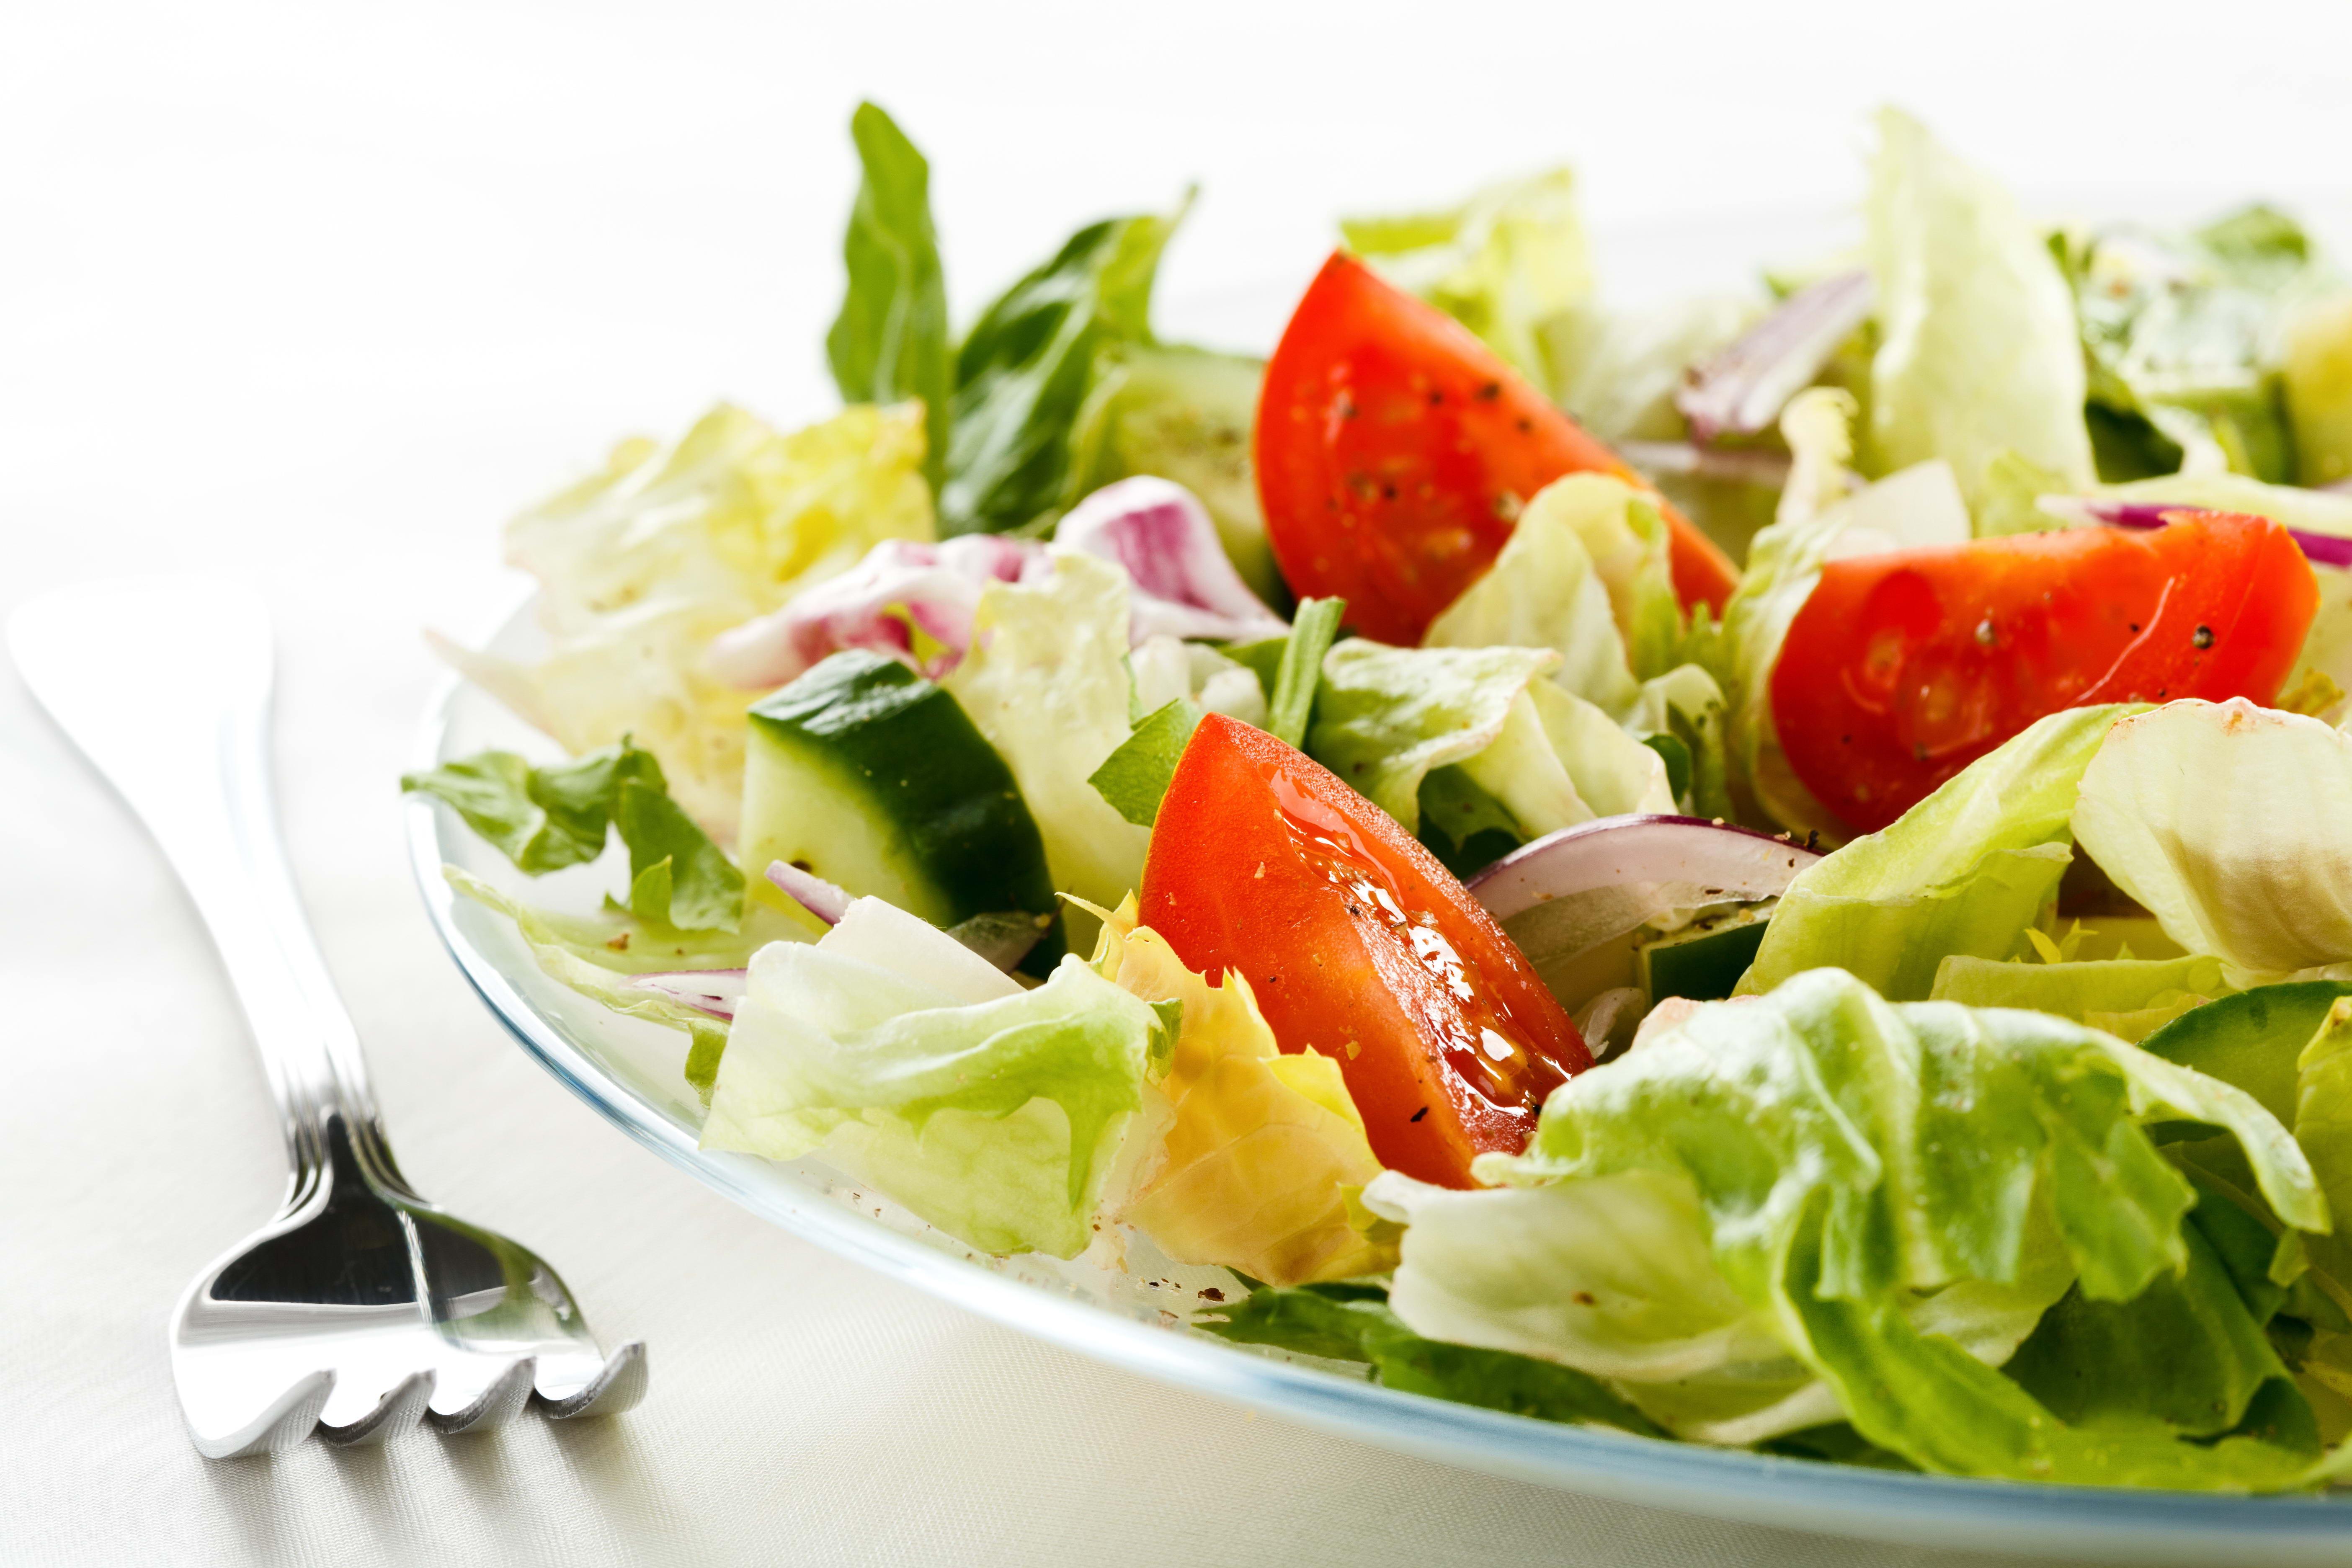 Еда - как путь к долголетию